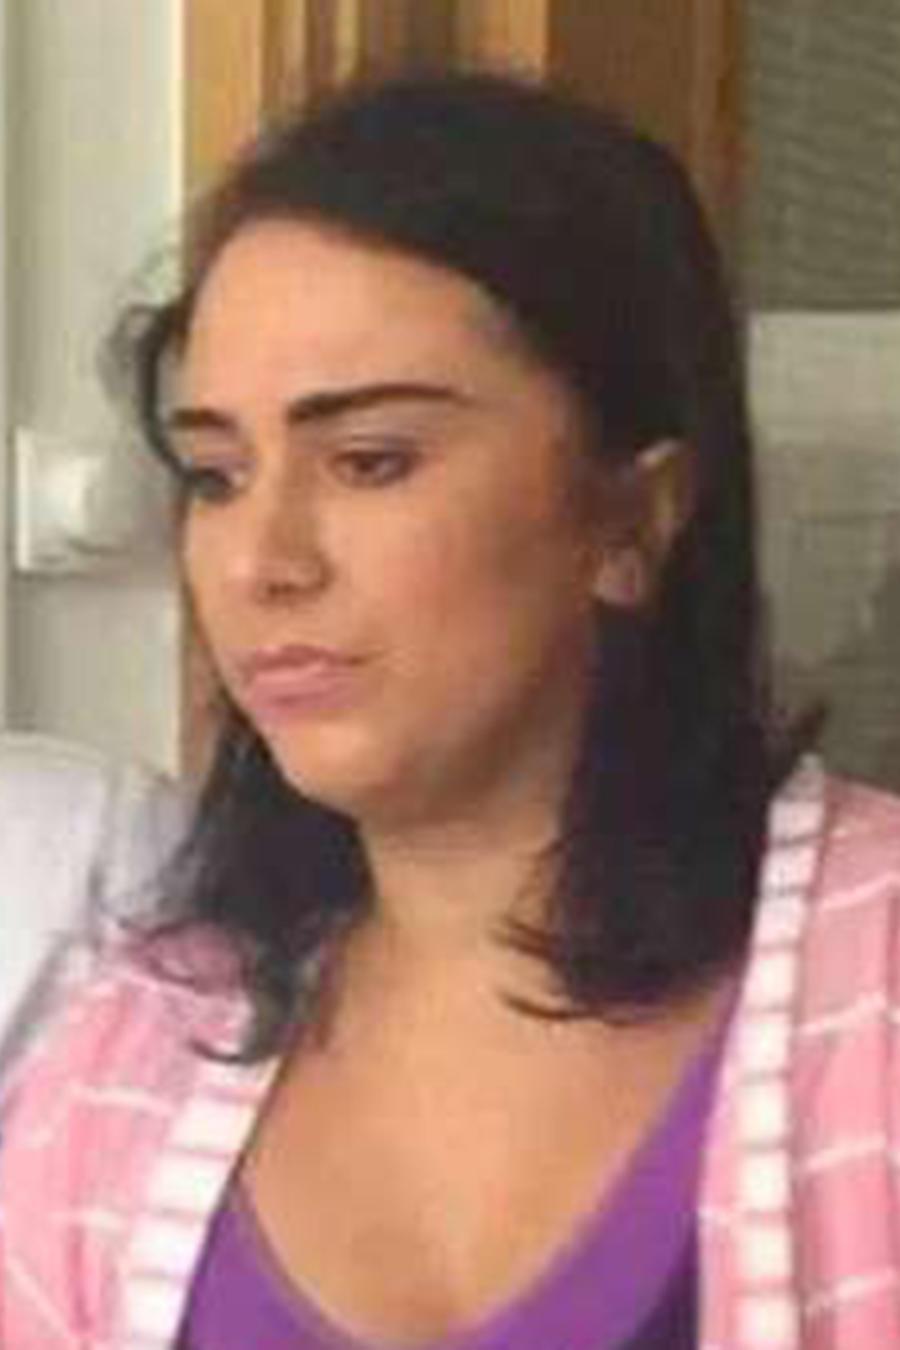 Madre sufre de parálisis del pecho hacia abajo